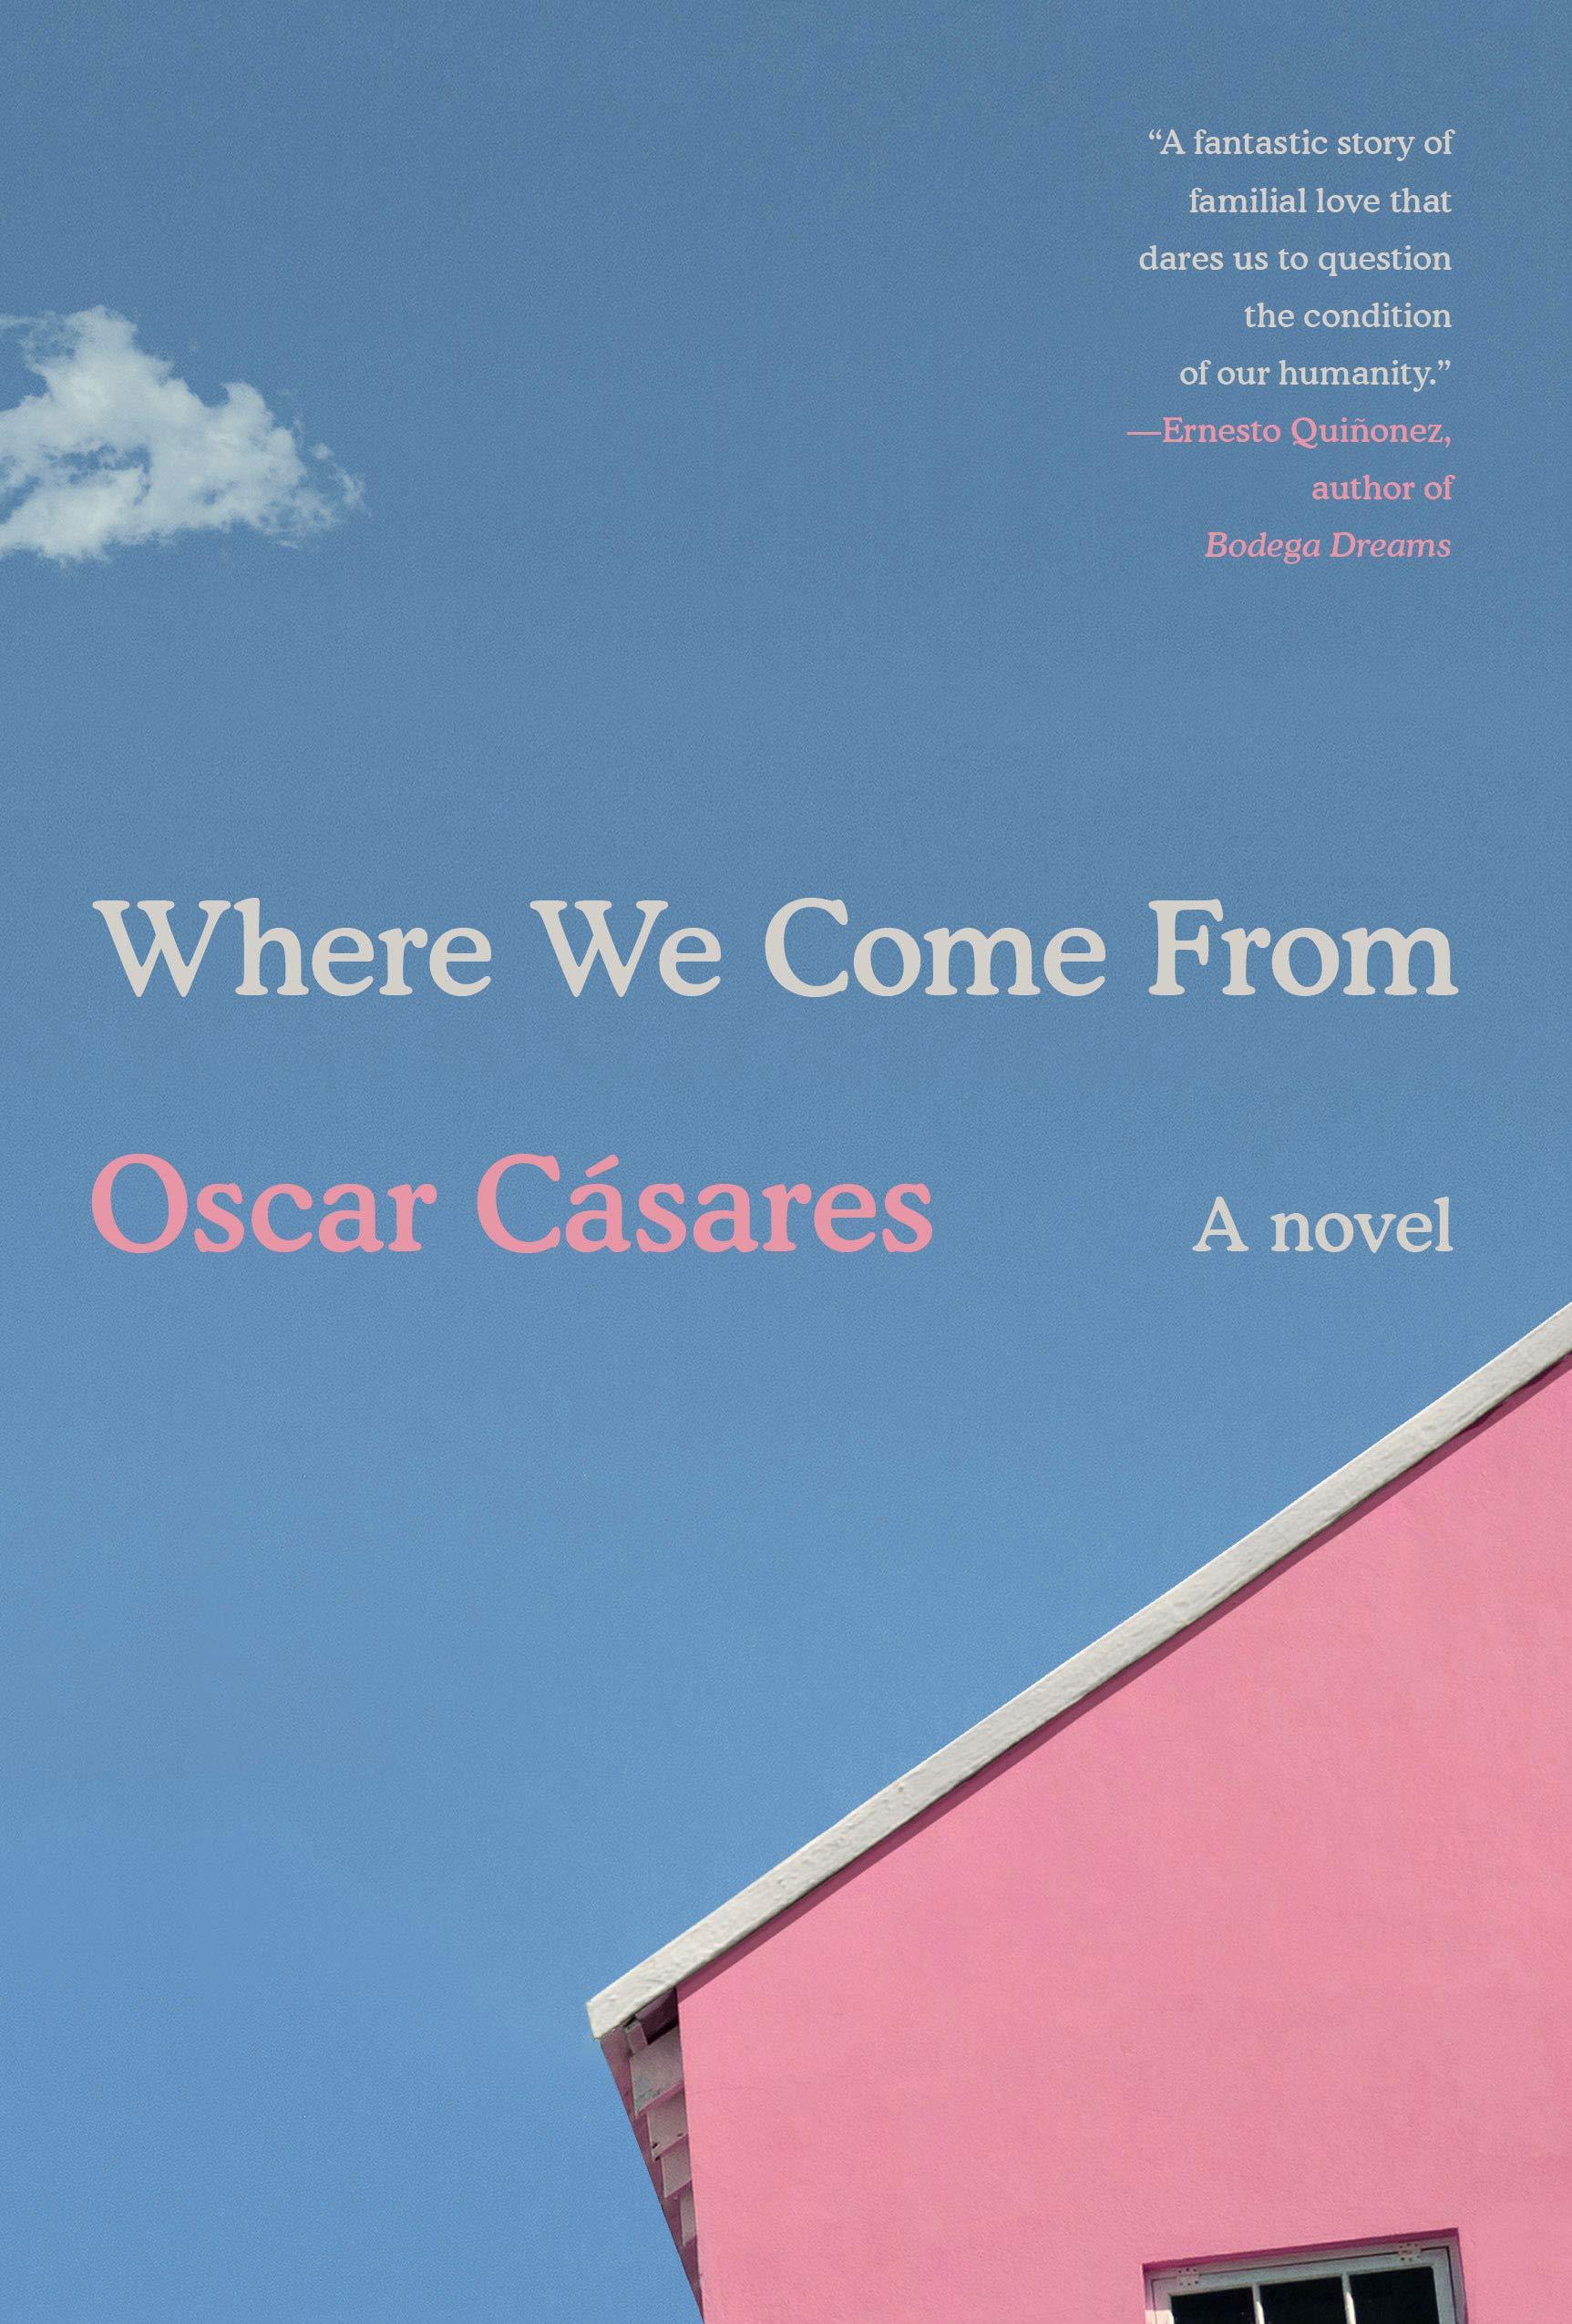 Oscar Casares Reading: